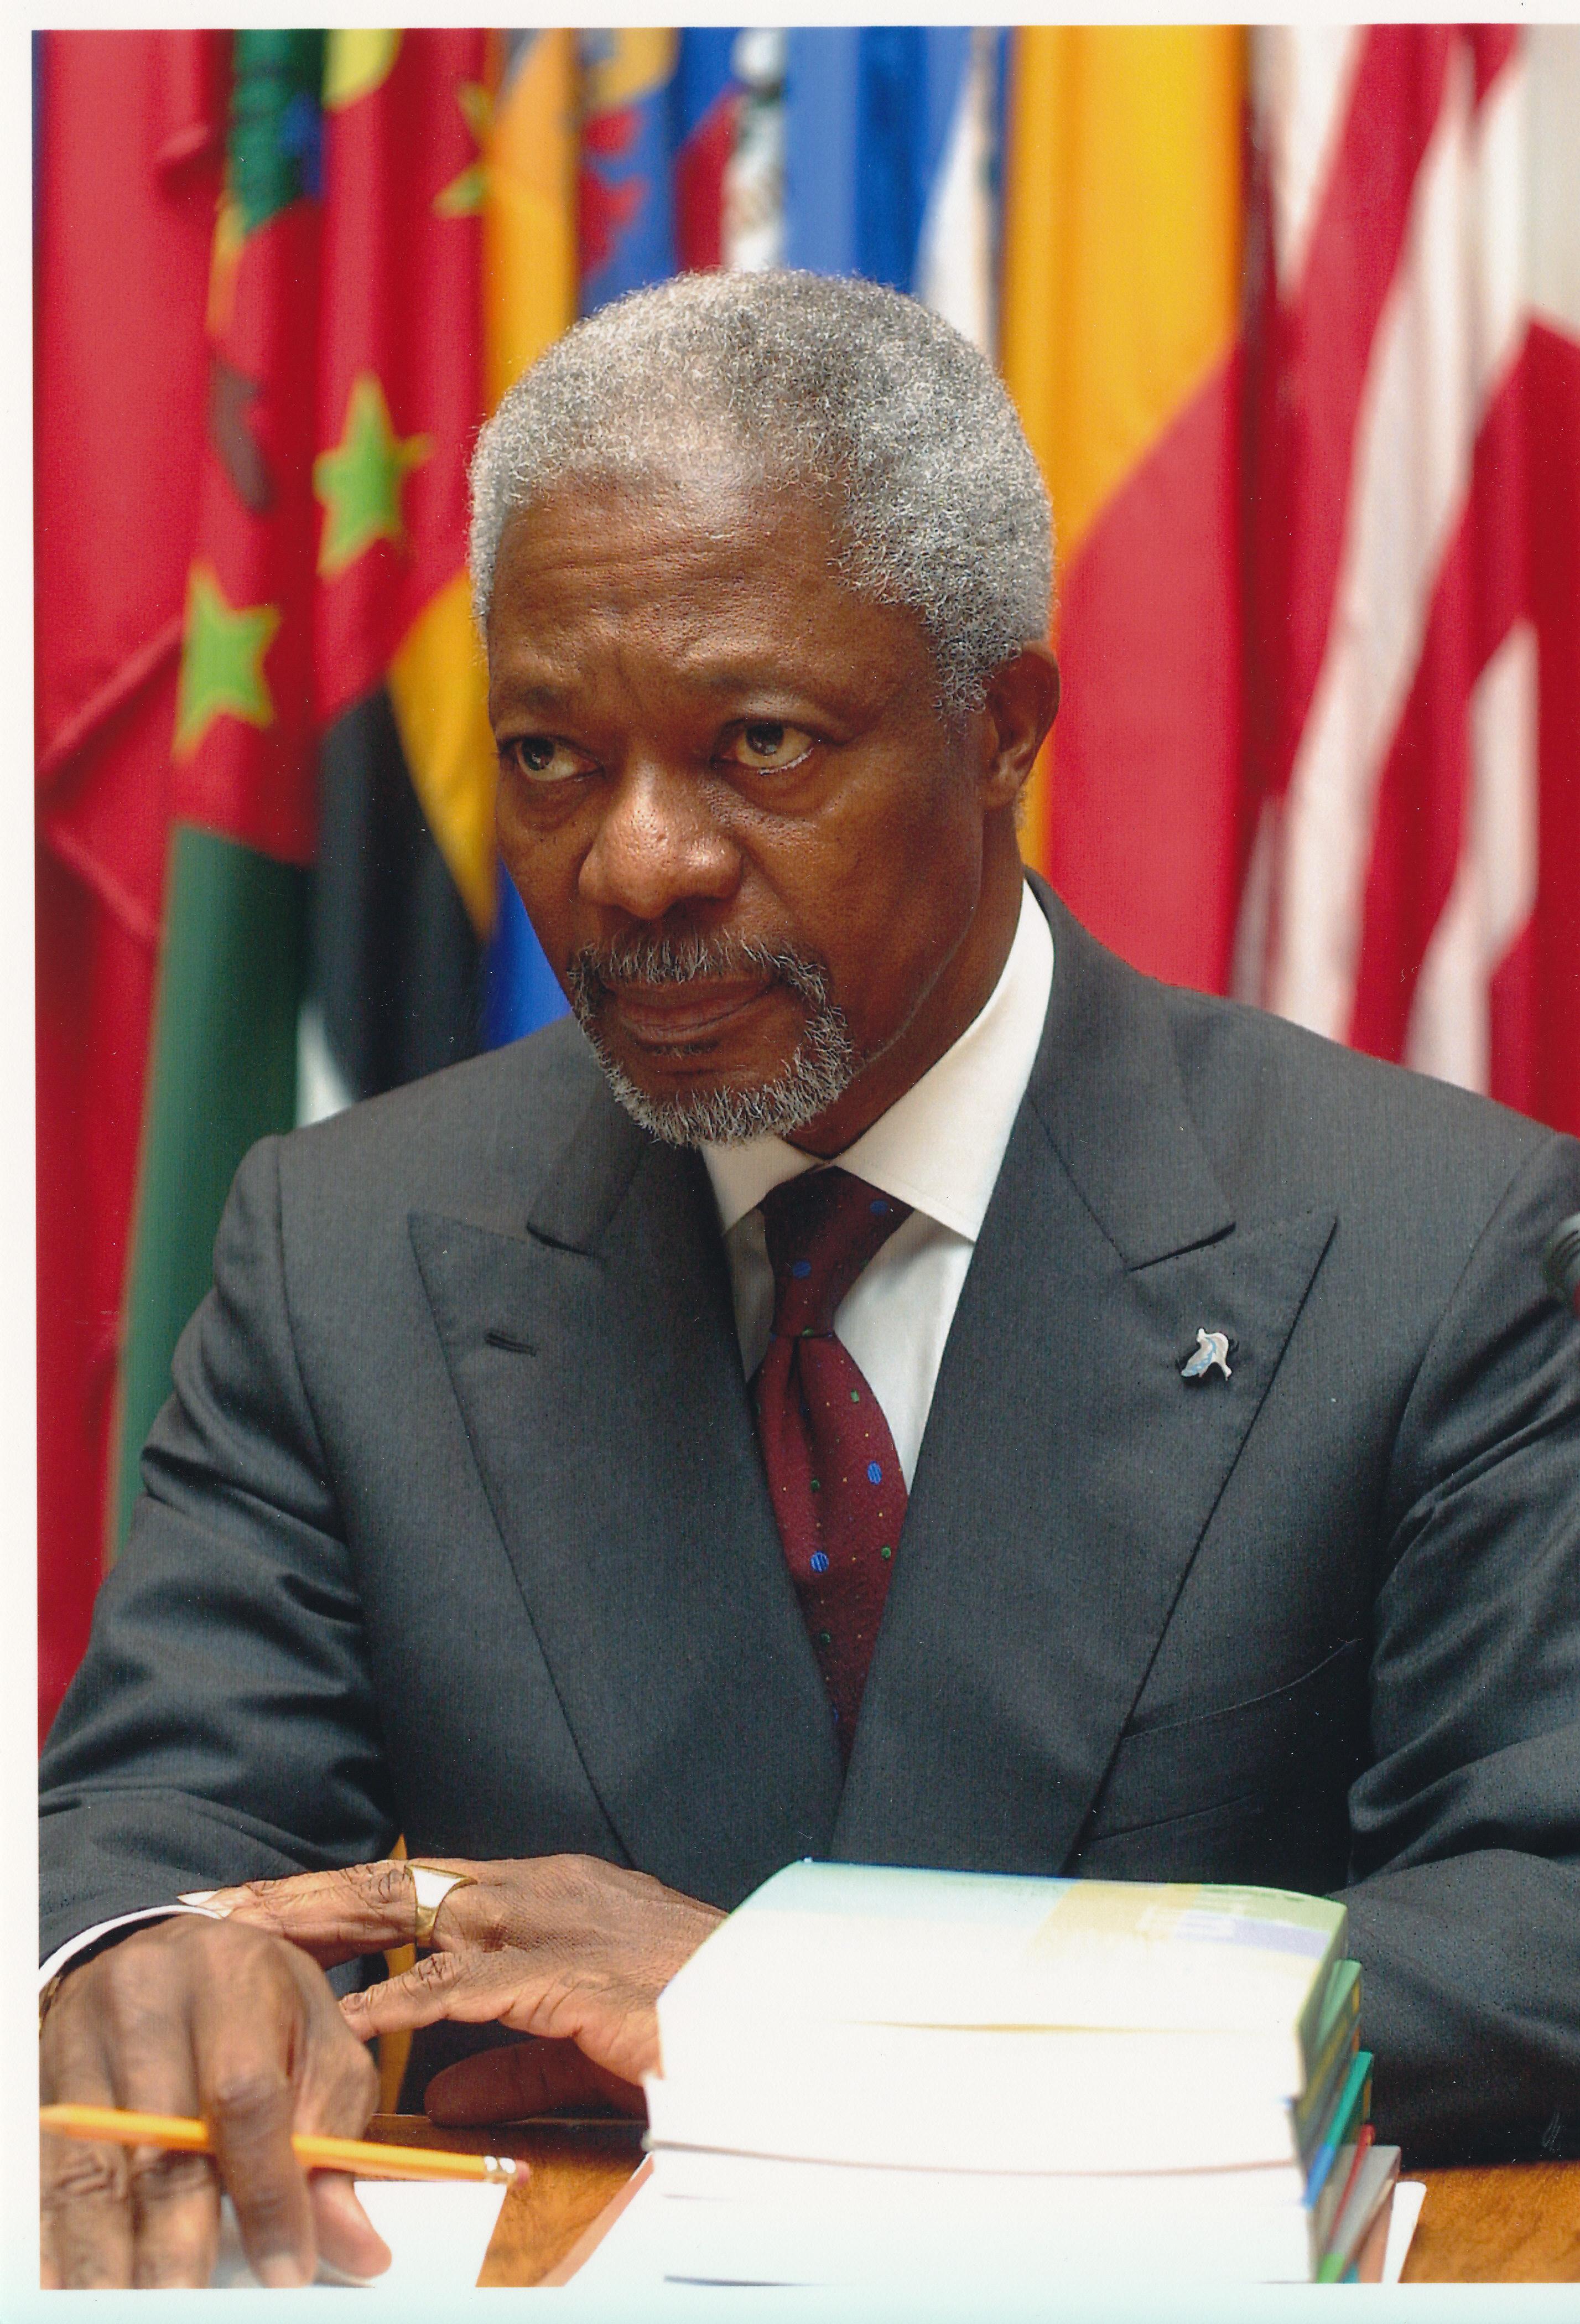 Visita Del Secretario General De La Onu Kofi Annan A La Cepal